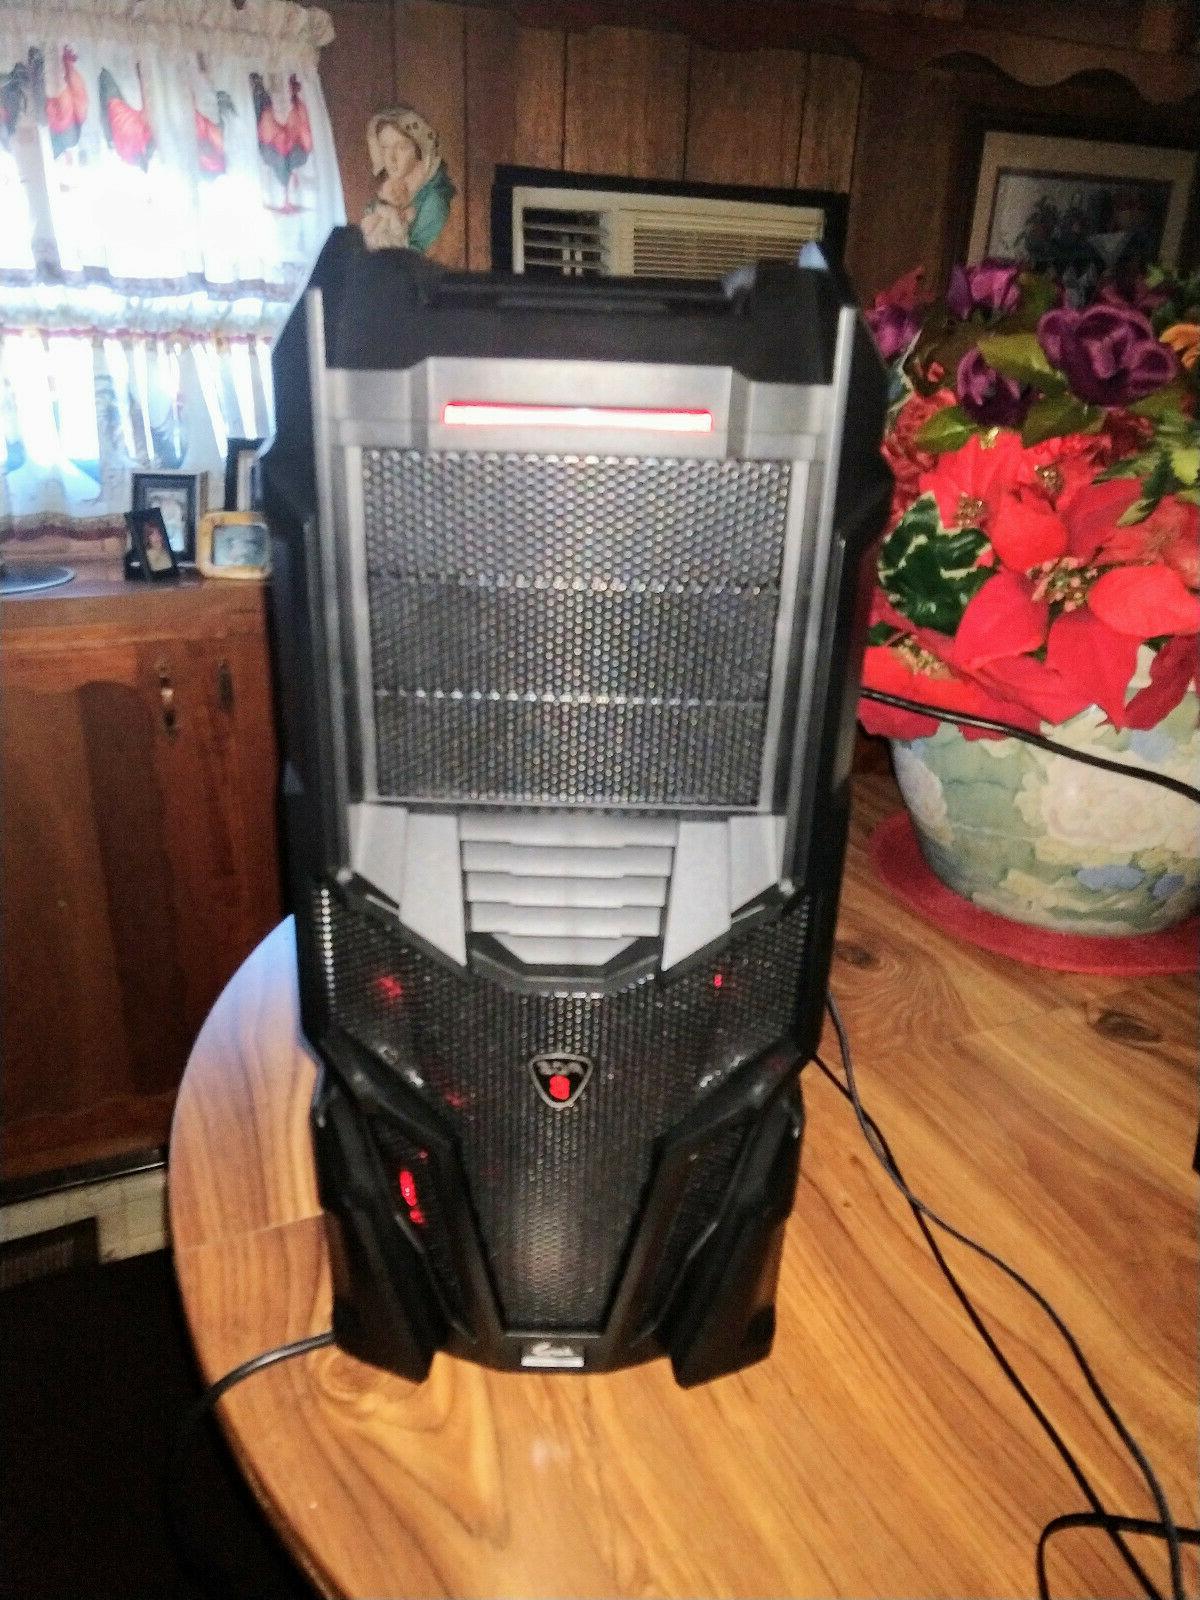 gaming computer gaming pc ryzen5 rx vega